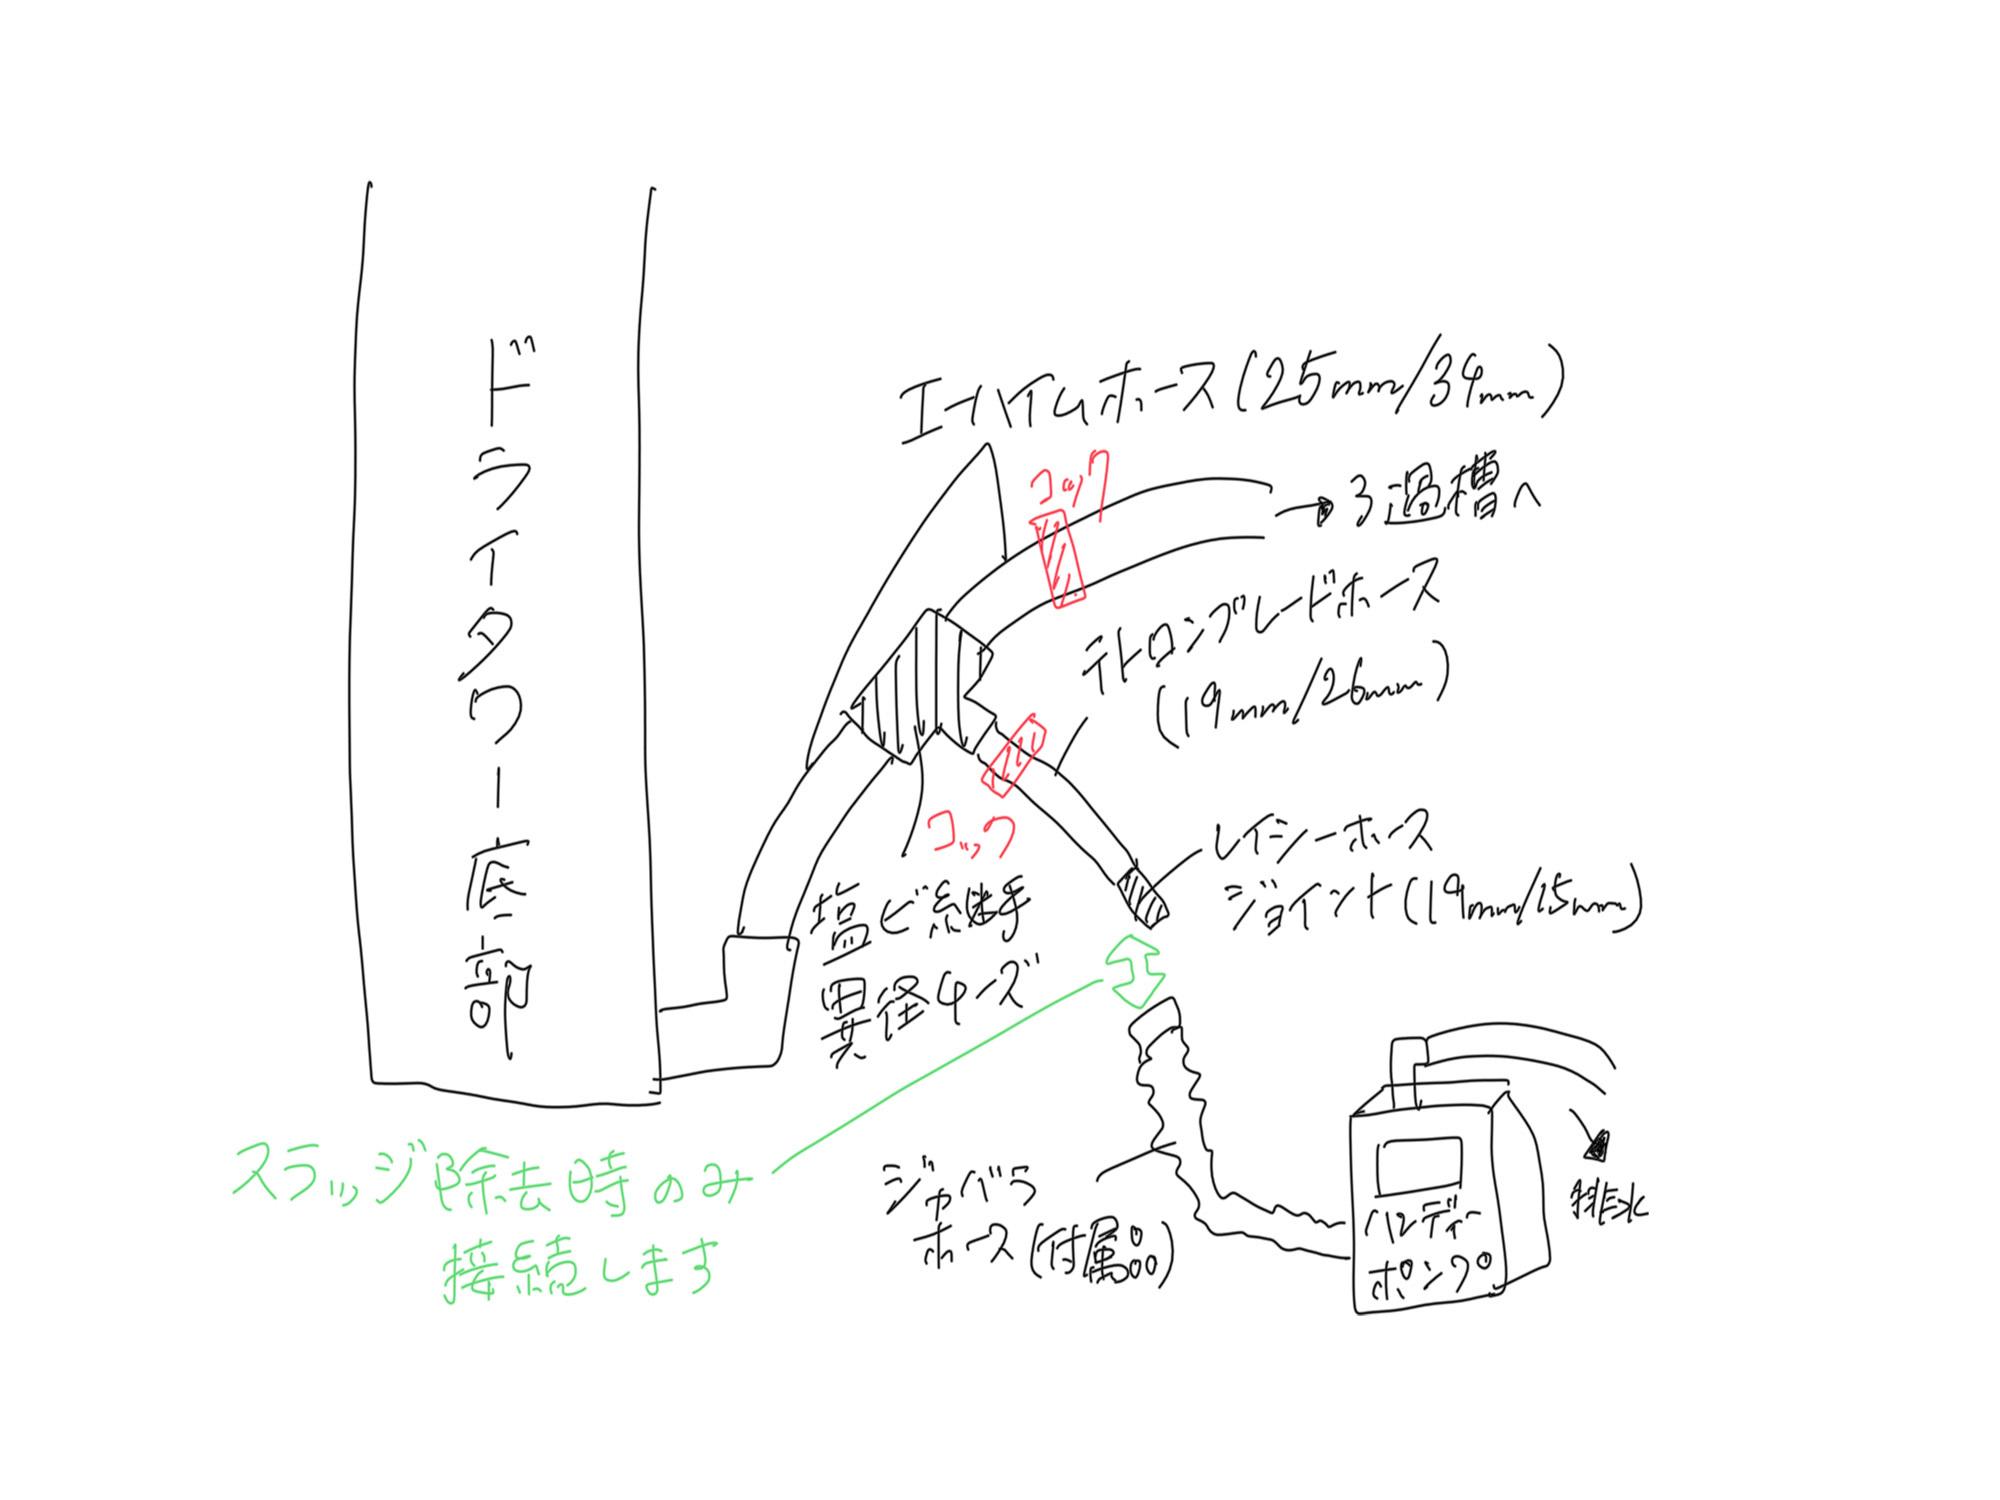 連絡メモ6